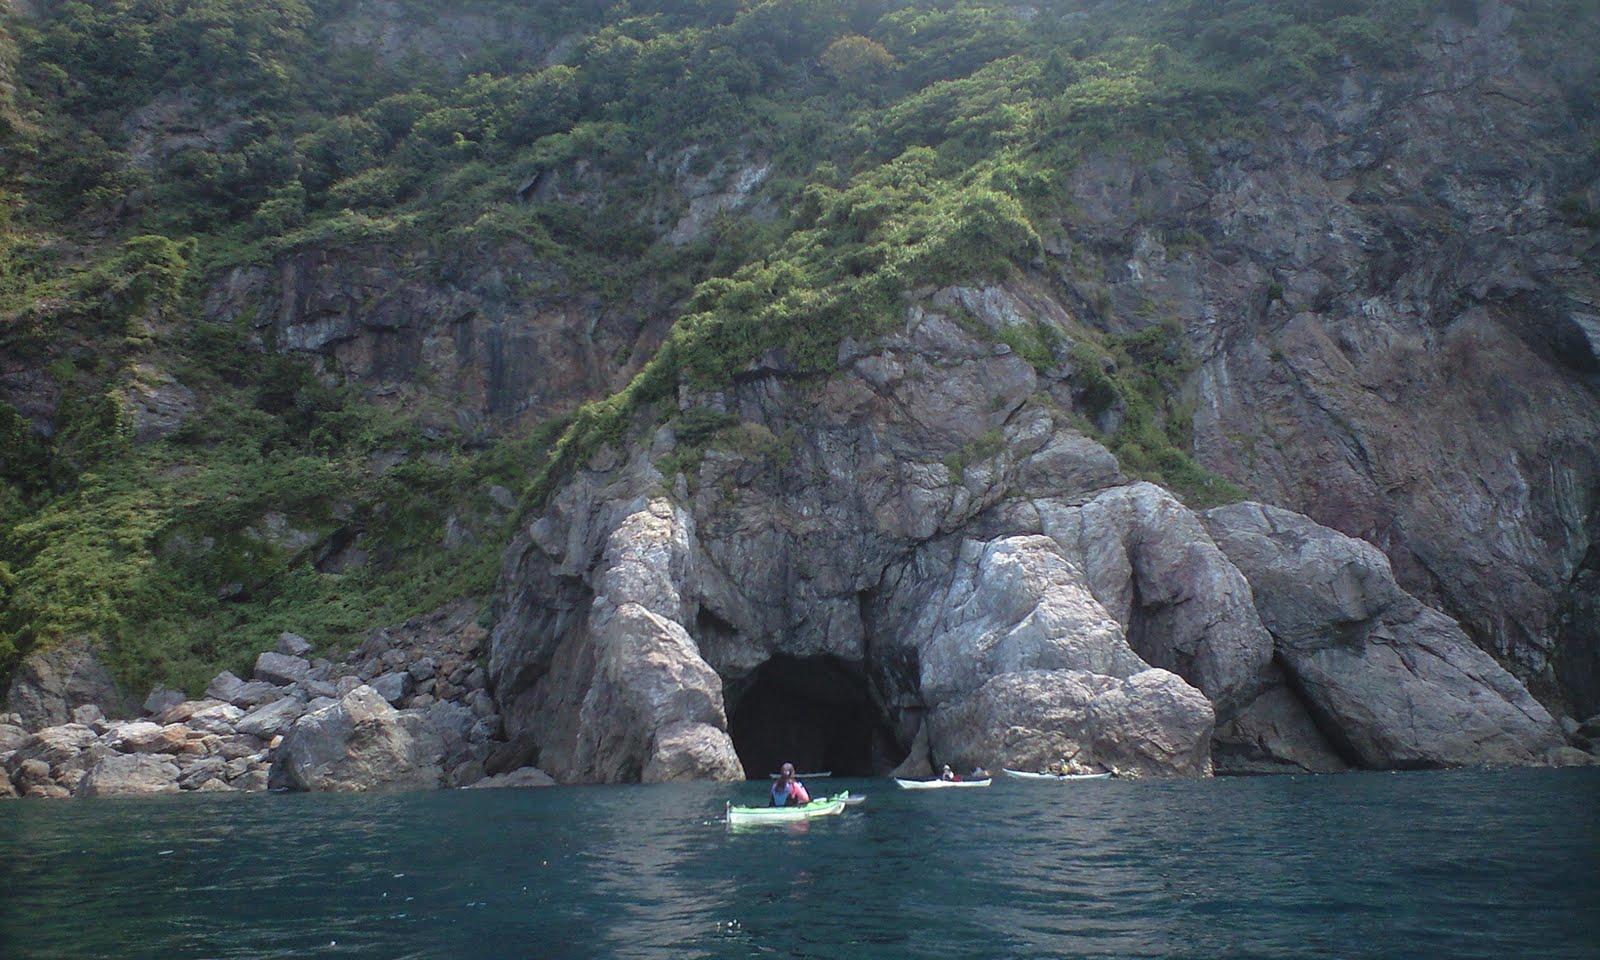 日本海 常神半島 シーカヤック 2010